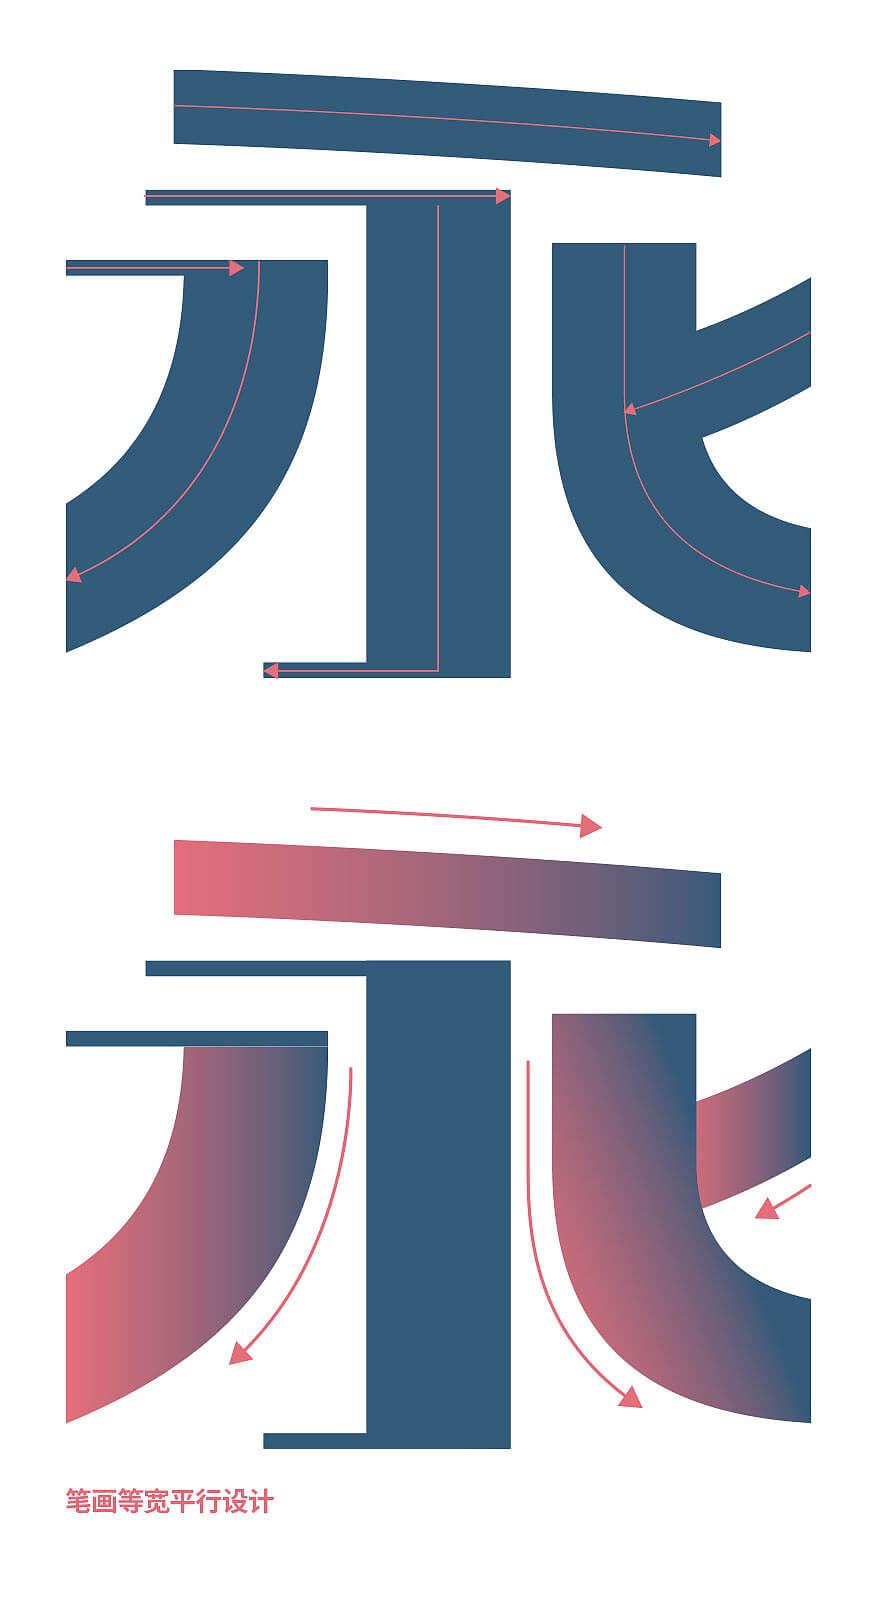 胡晓波雅致黑字体